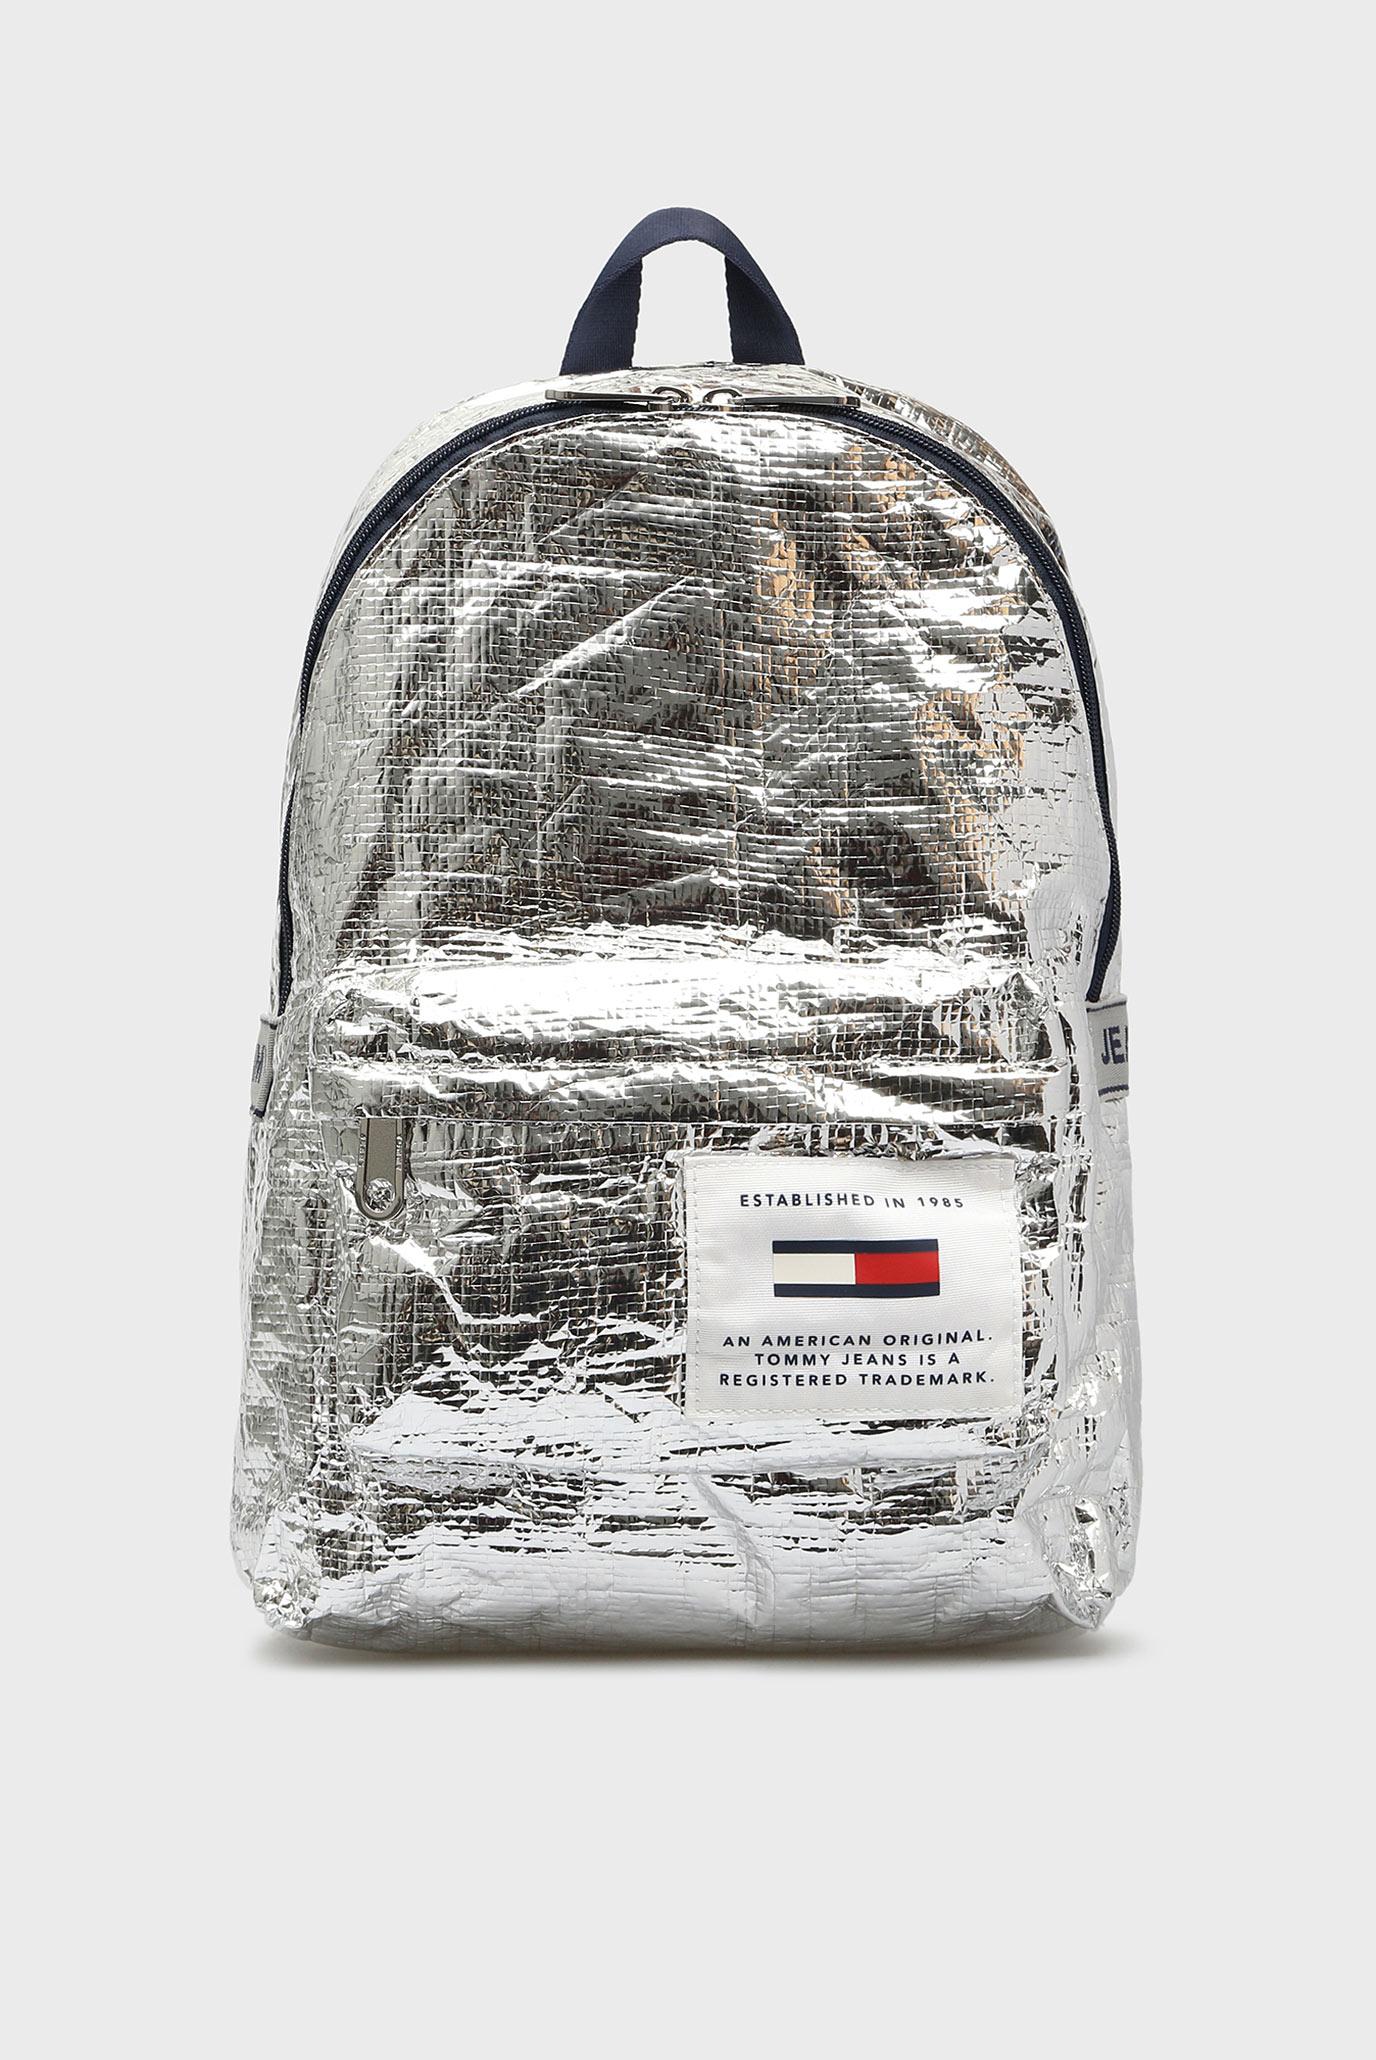 a7211f2e37e Купить Серебристый рюкзак TJU LOGO TAPE MED Tommy Hilfiger Tommy Hilfiger  AU0AU00462 – Киев, Украина. Цены в ...